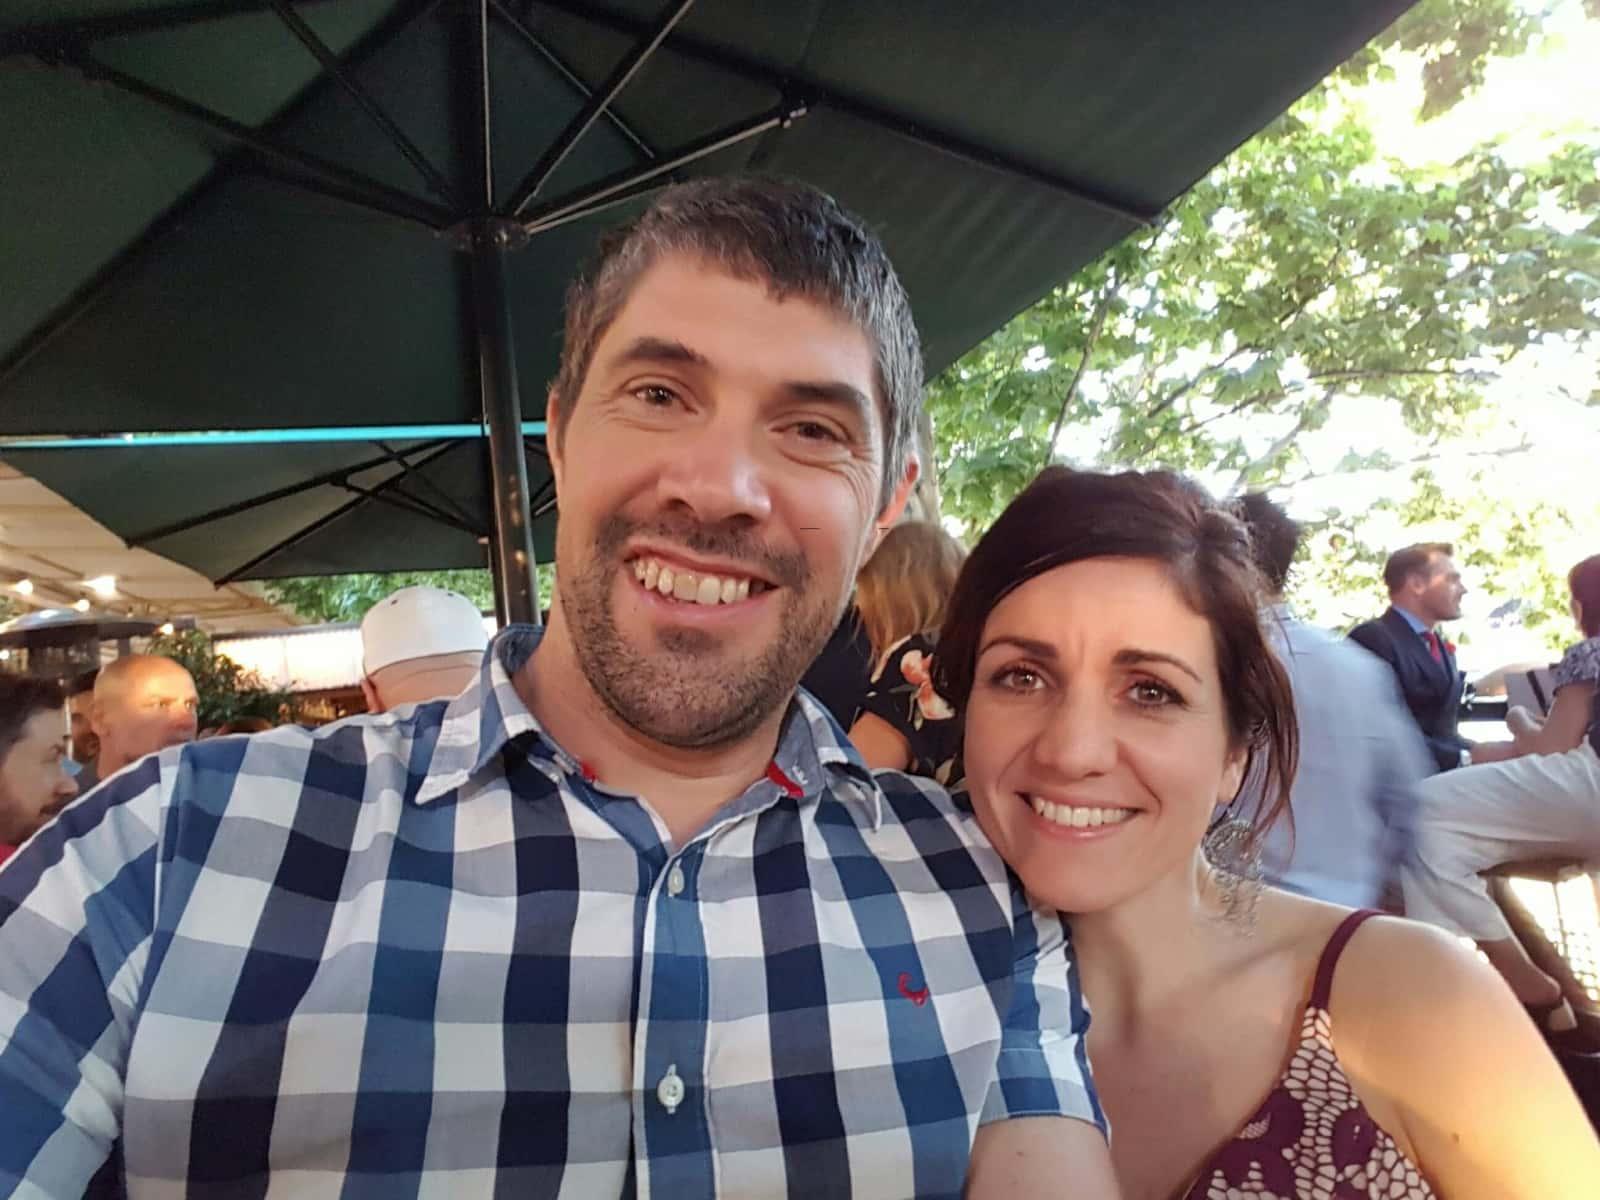 Michaela & Jonker from Melbourne, Victoria, Australia